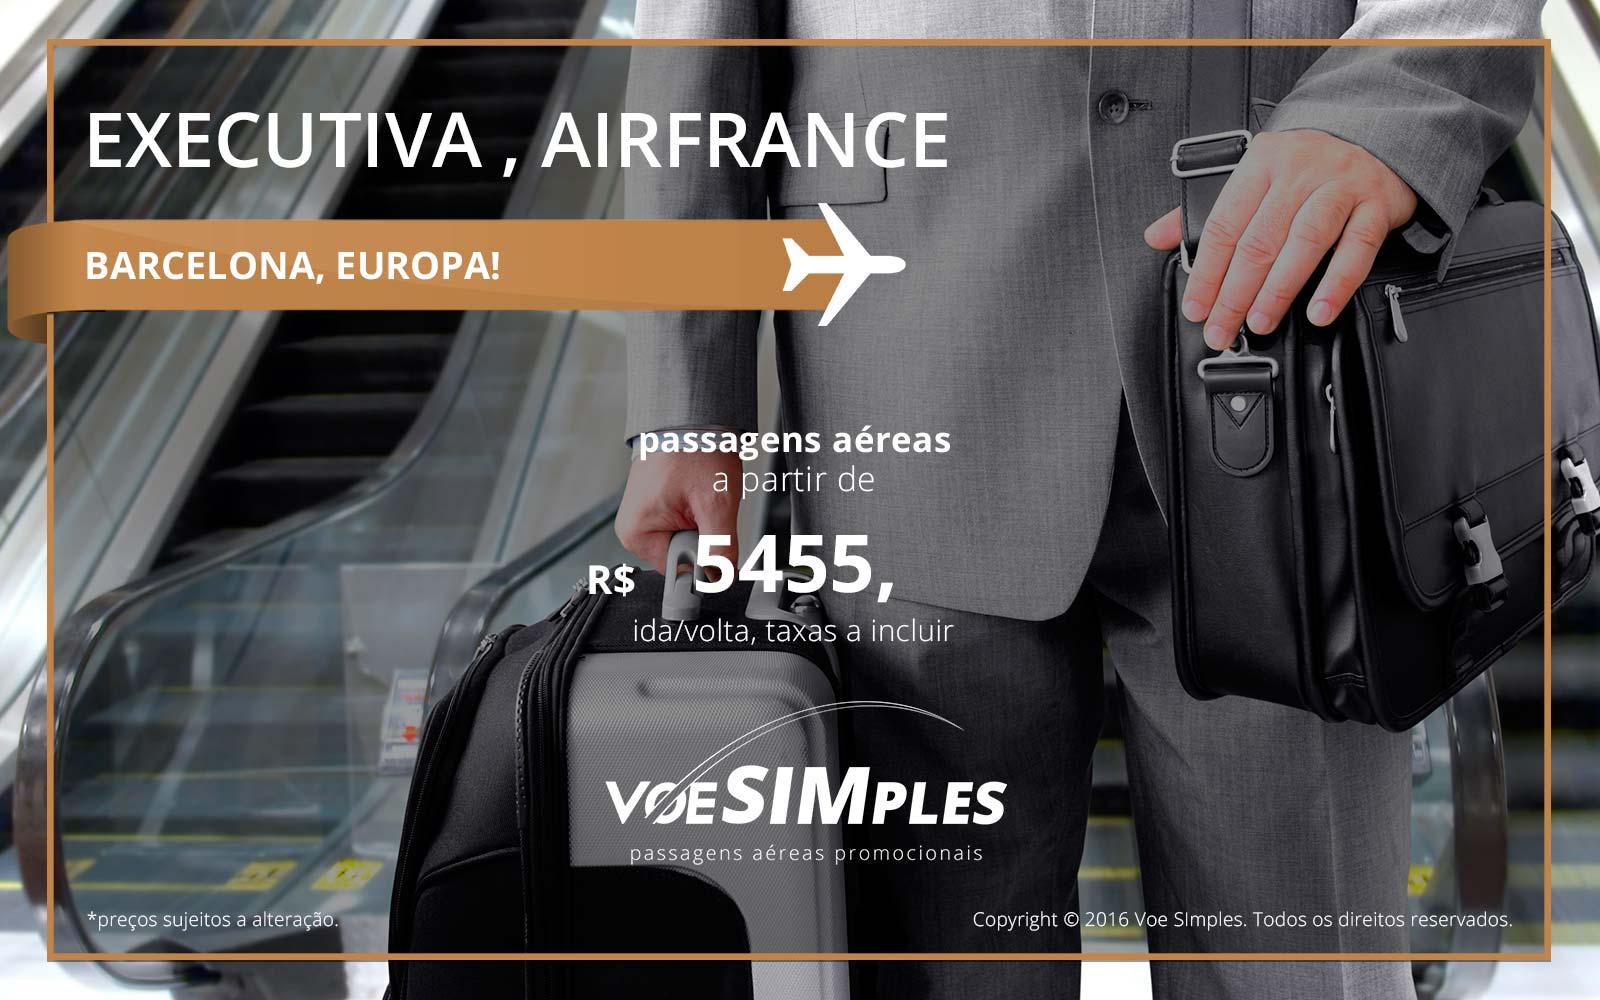 Passagens aéreas Classe Executiva Air France para Barcelona